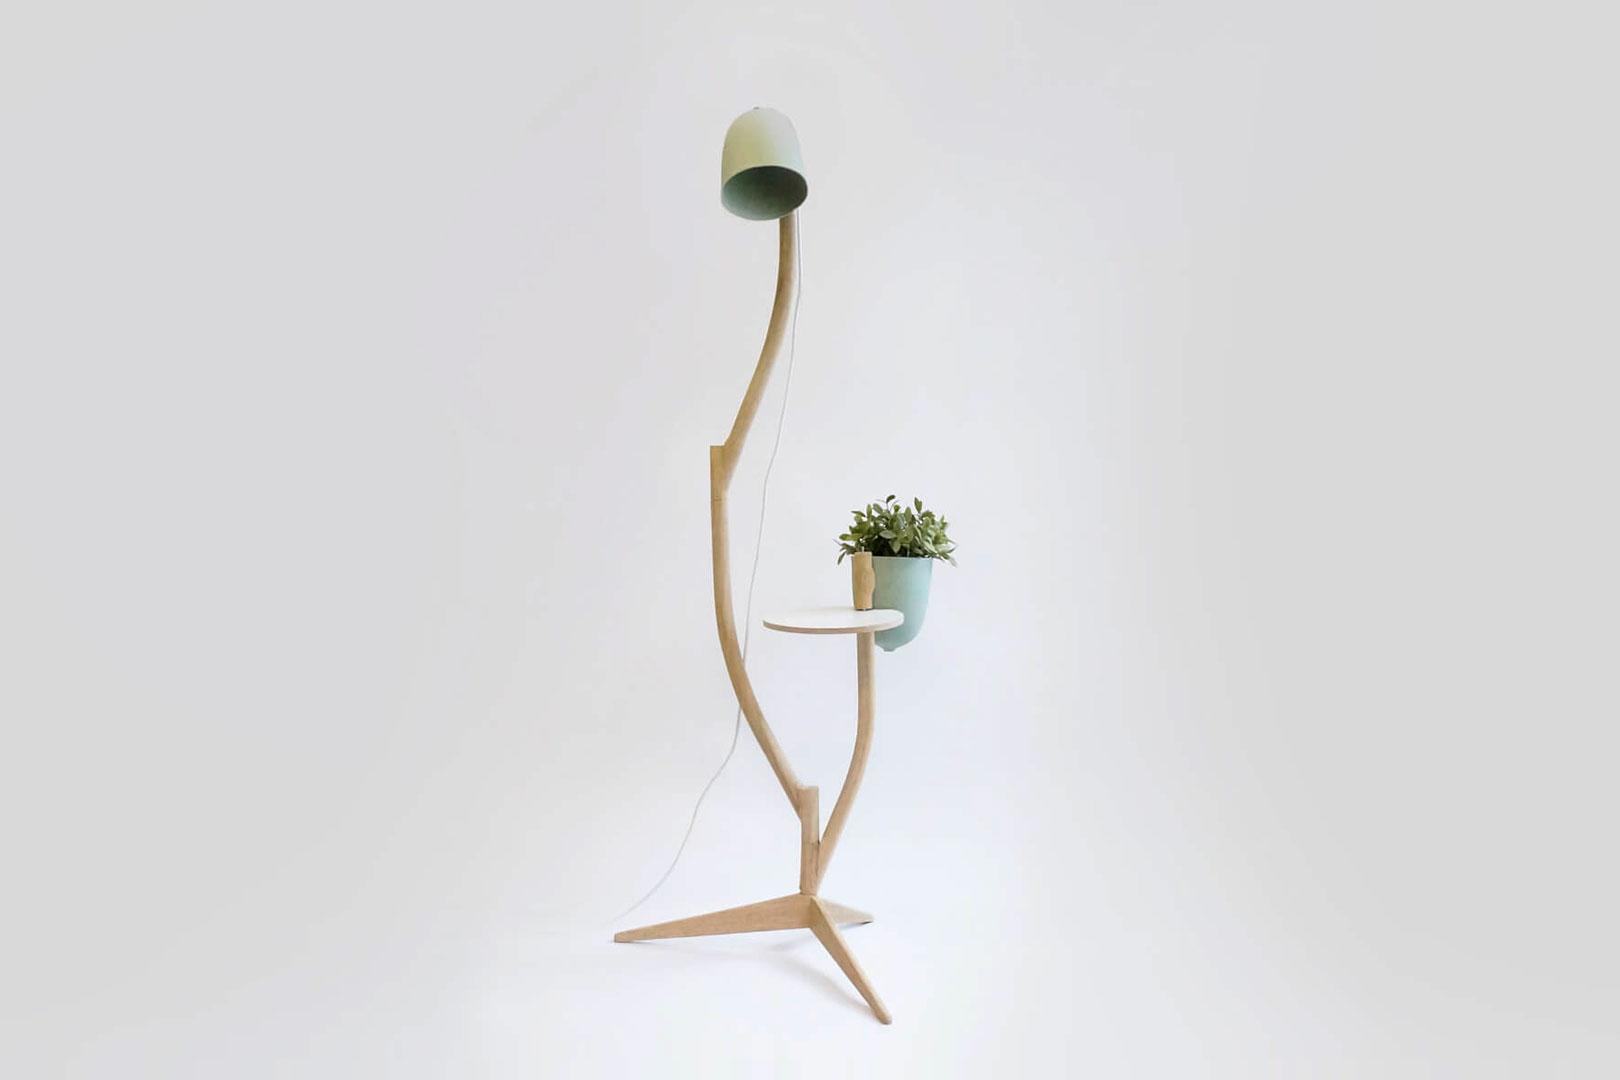 Pflanze Lampe Tisch von Studio Lorier